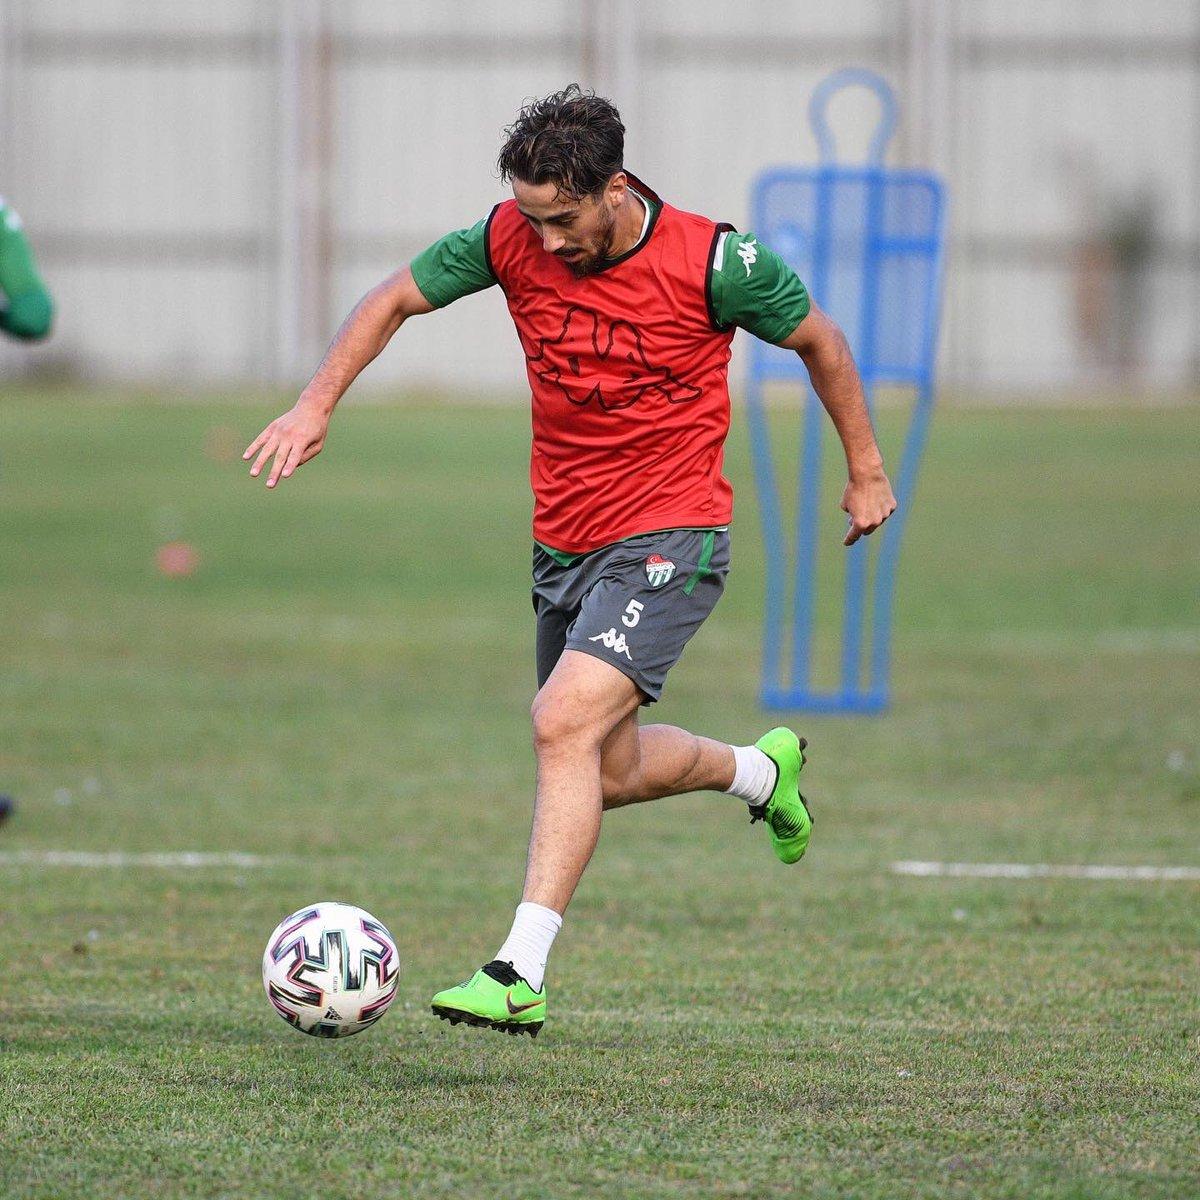 💪 Giresunspor maçı hazırlıklarına başladık https://t.co/t72Vgdlfr3